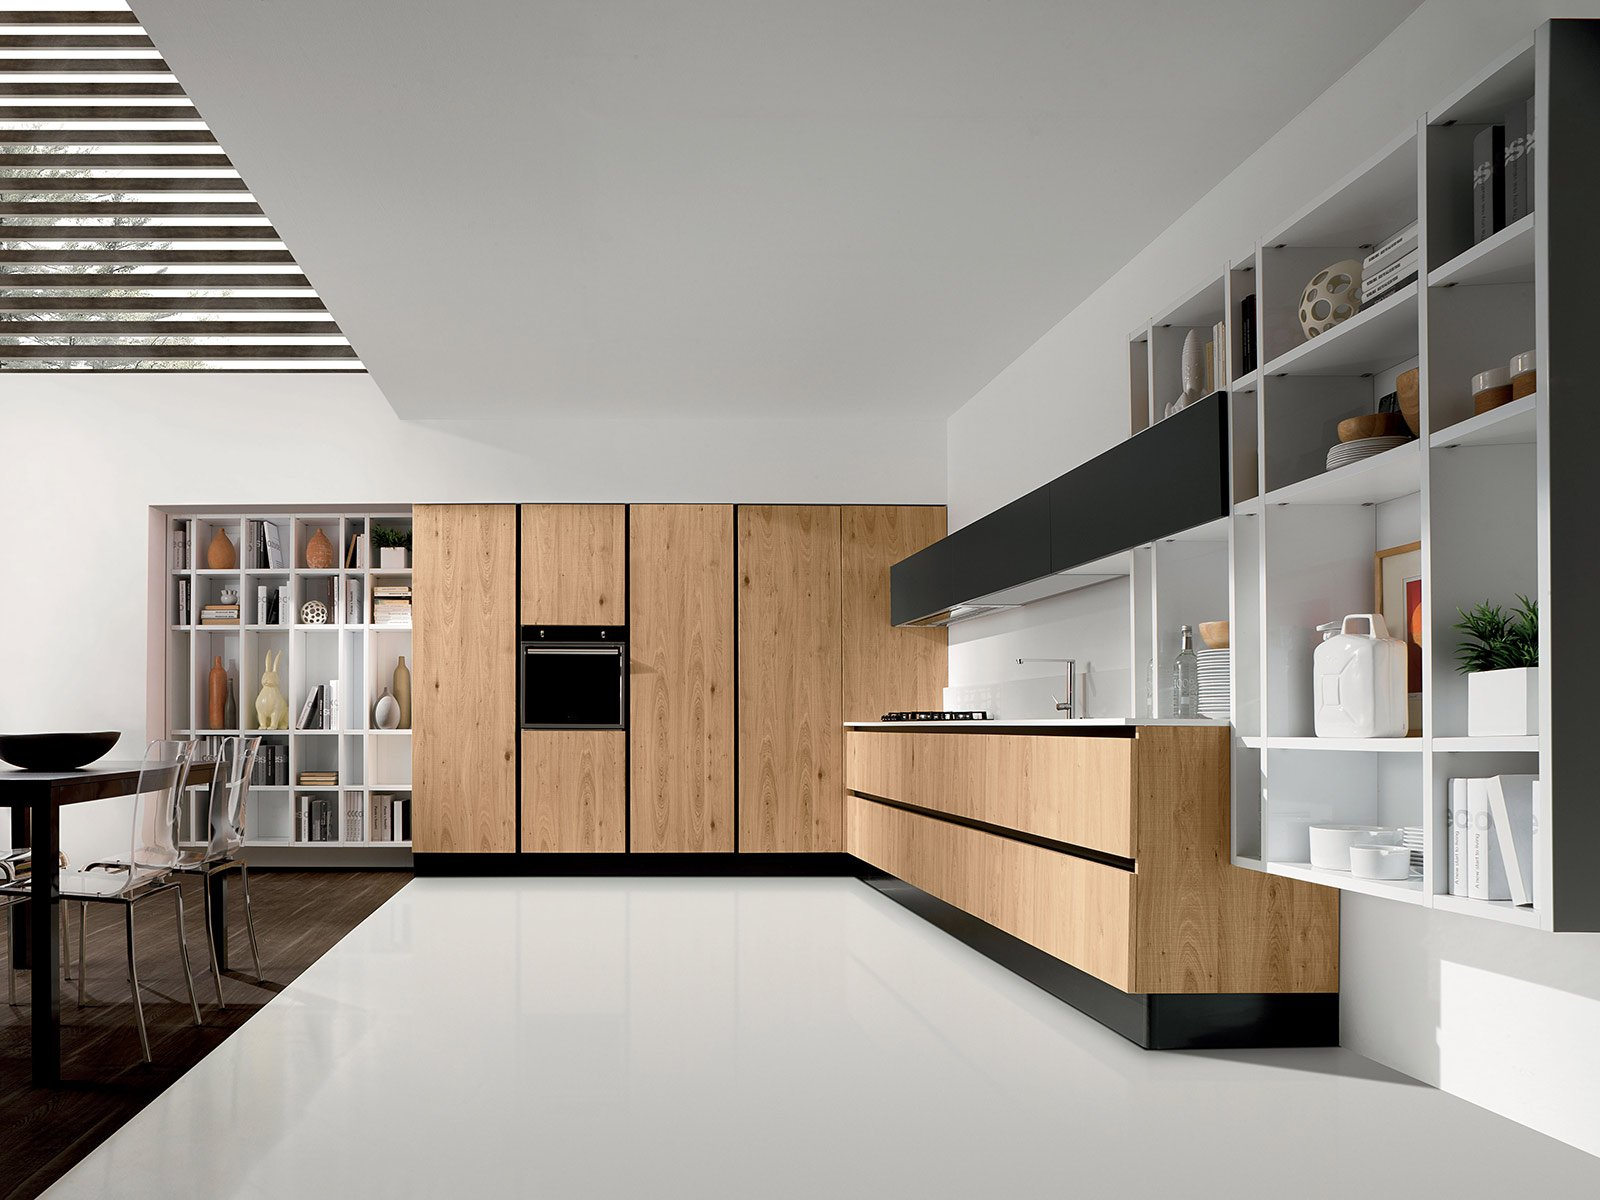 Cucine moderne in legno cose di casa for Cucine moderne scure